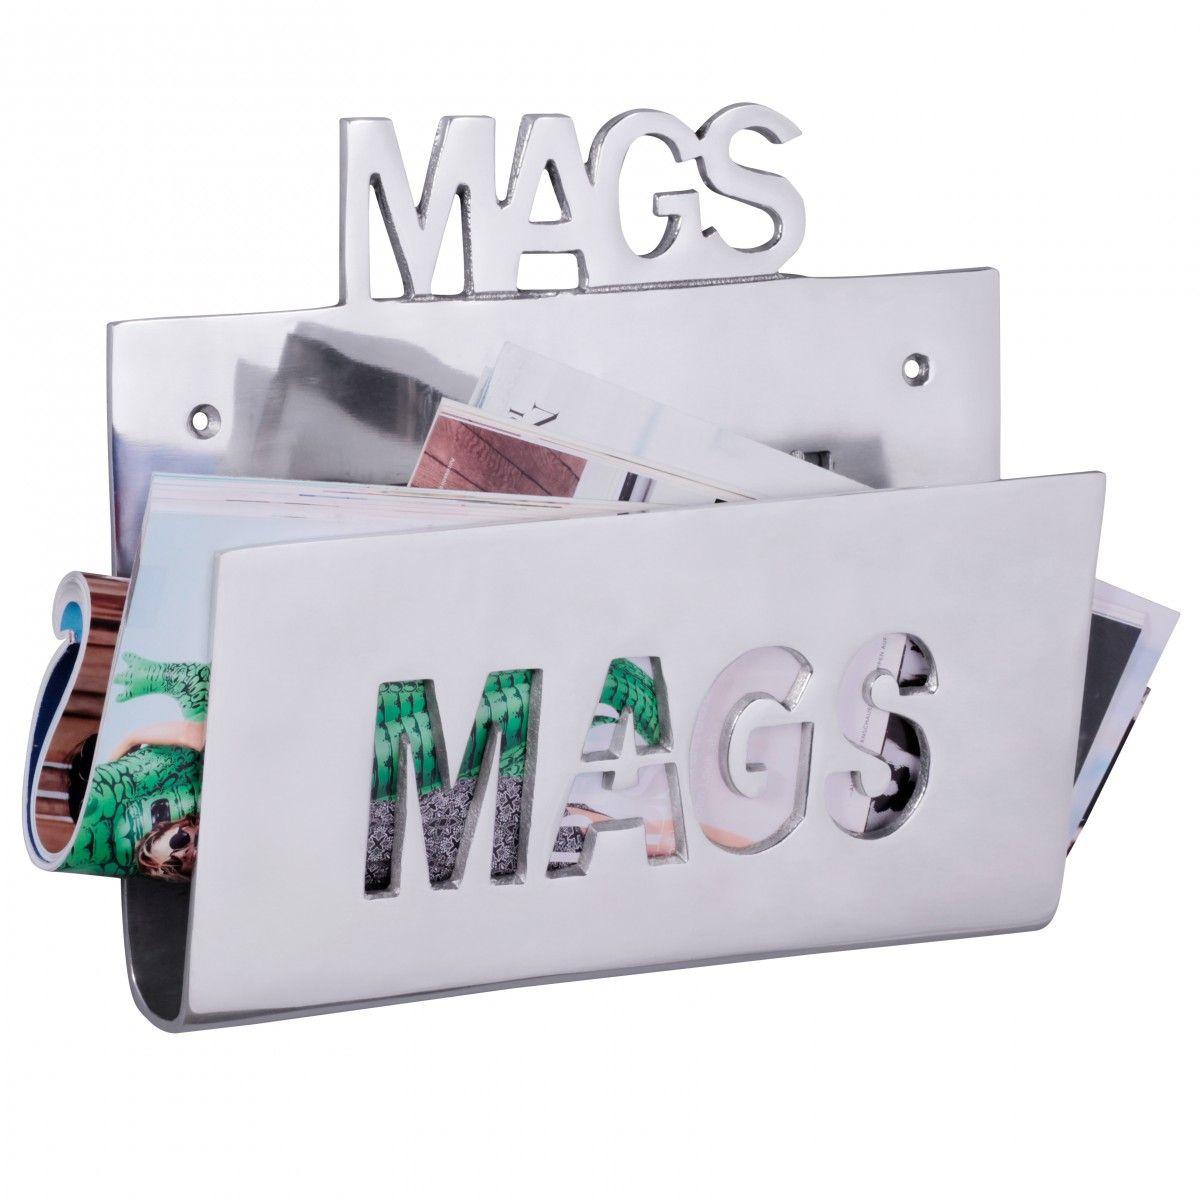 Deko Magazinhalter MAGS Für Die Wand Aus Aluminium Farbe Silber 1 ...